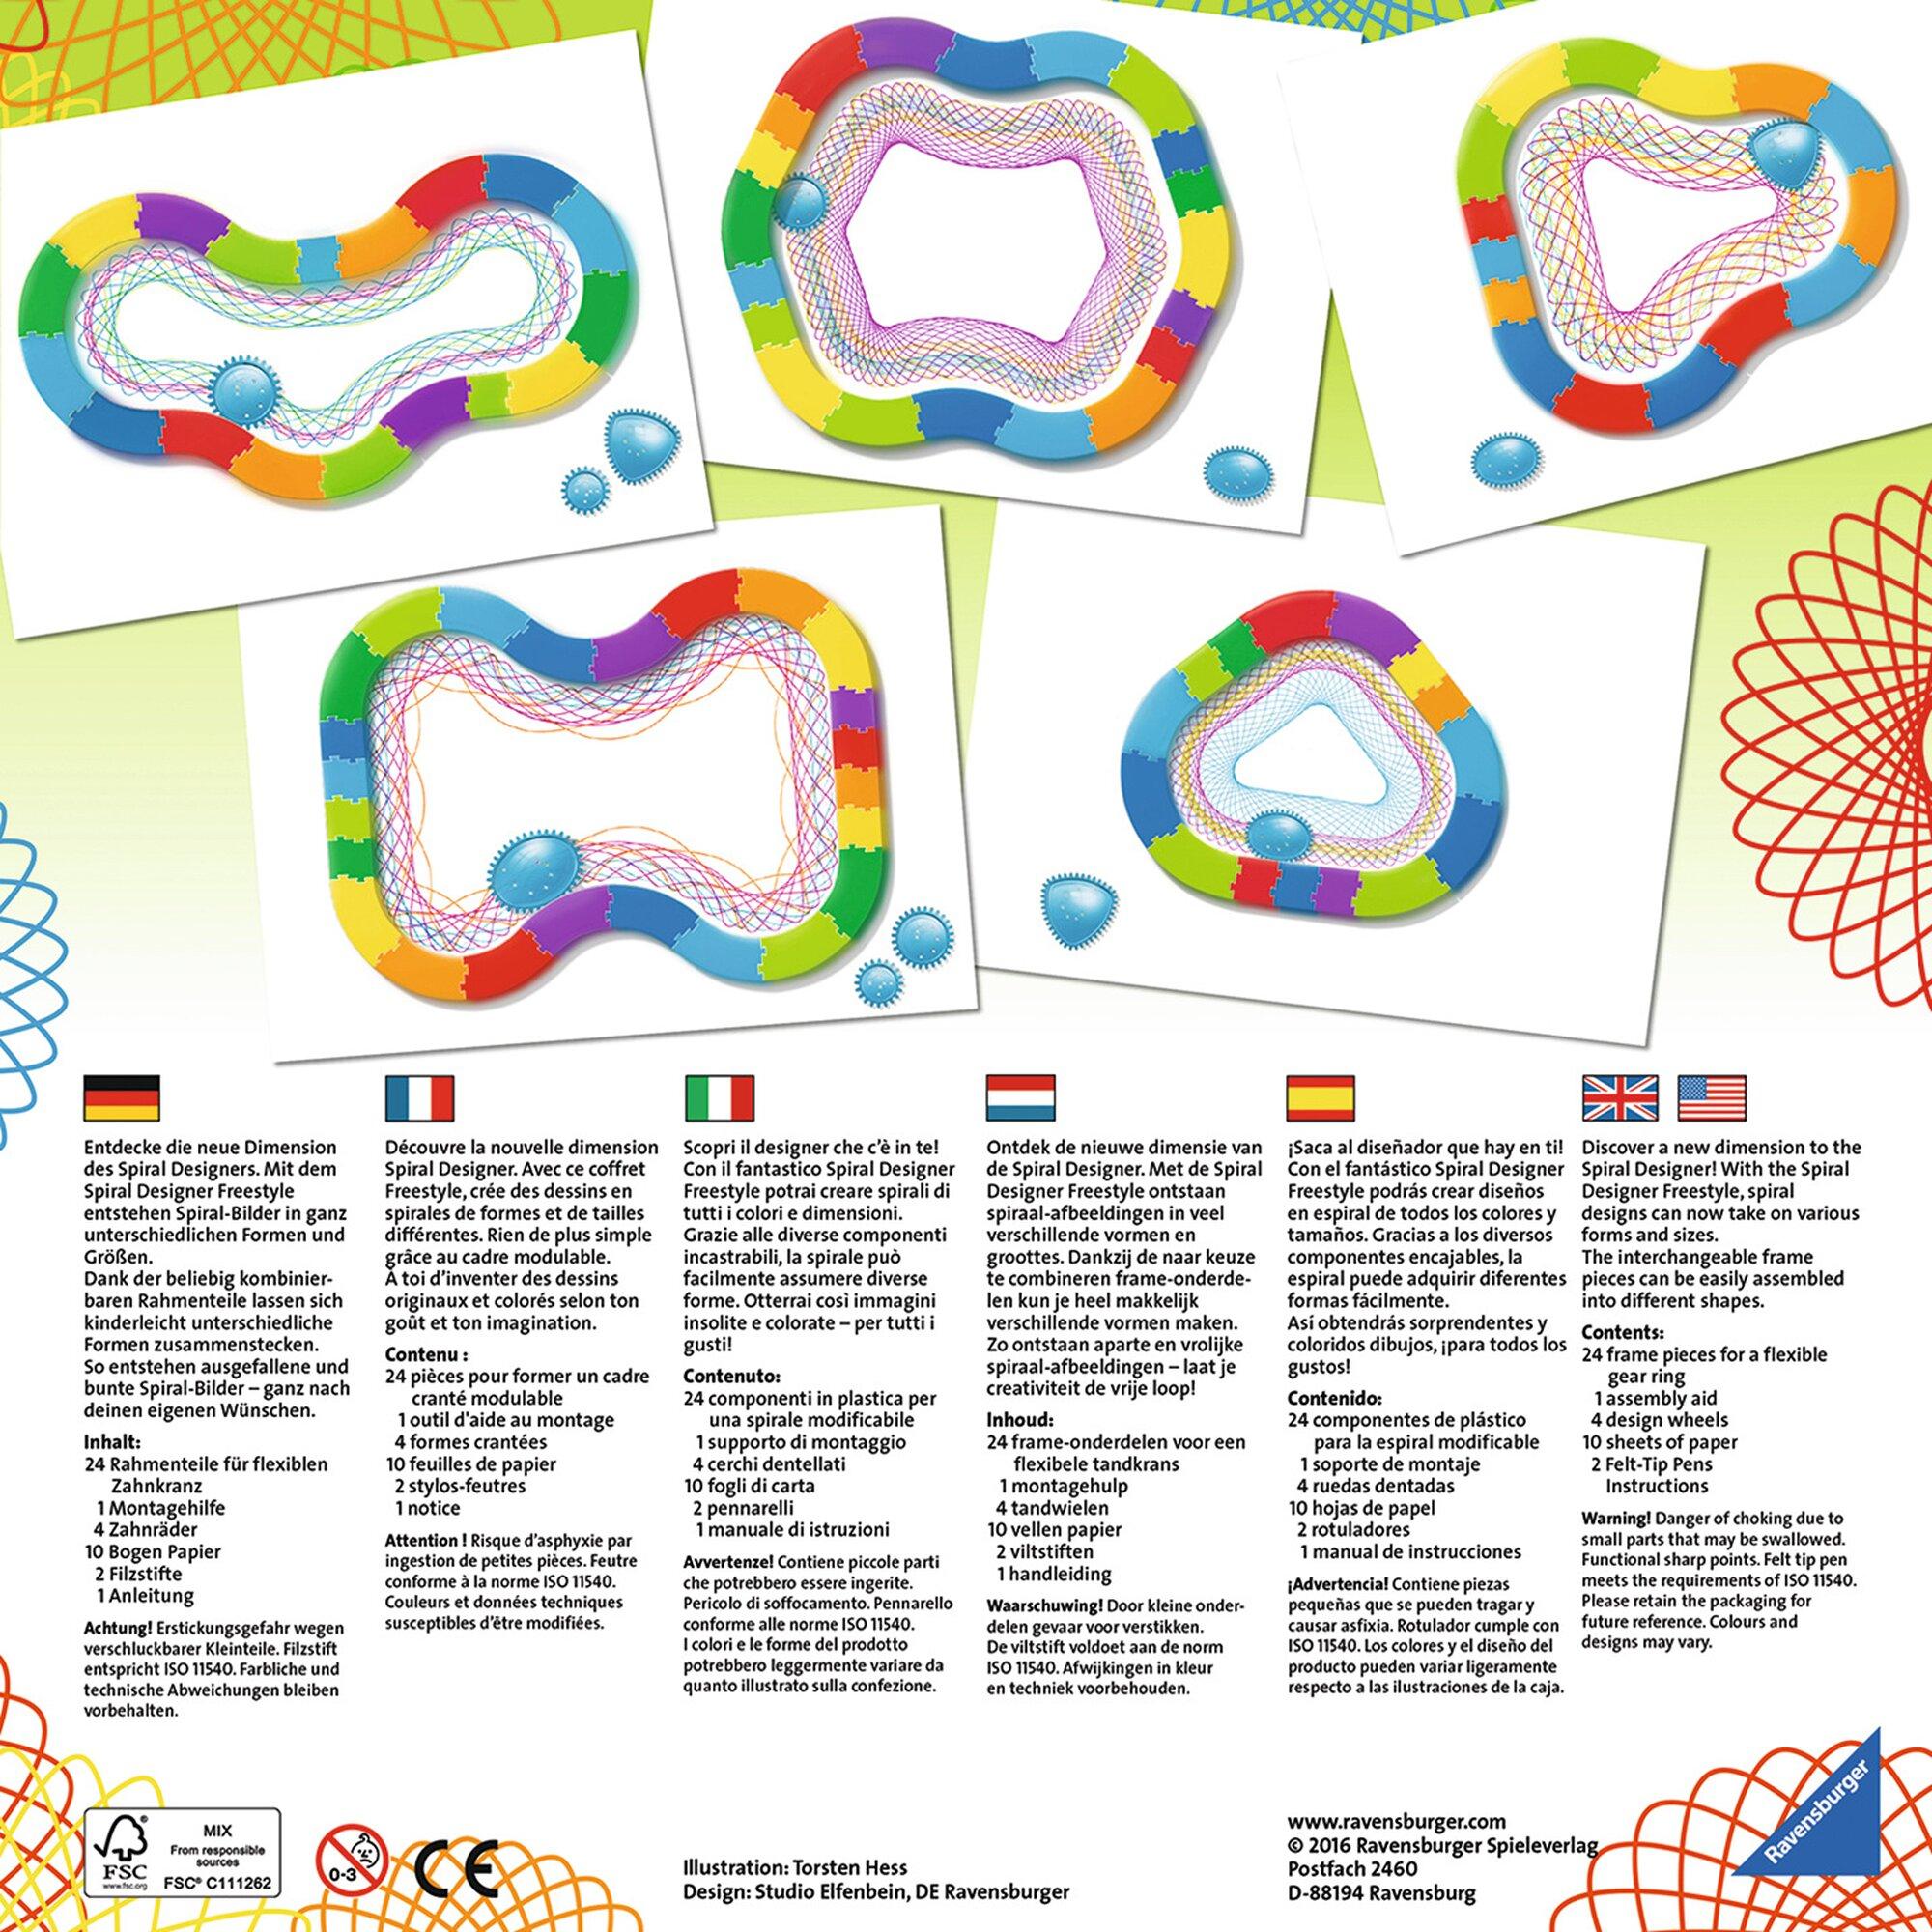 ravensburger-spiral-designer-freestyle-beschaftigungsspiel